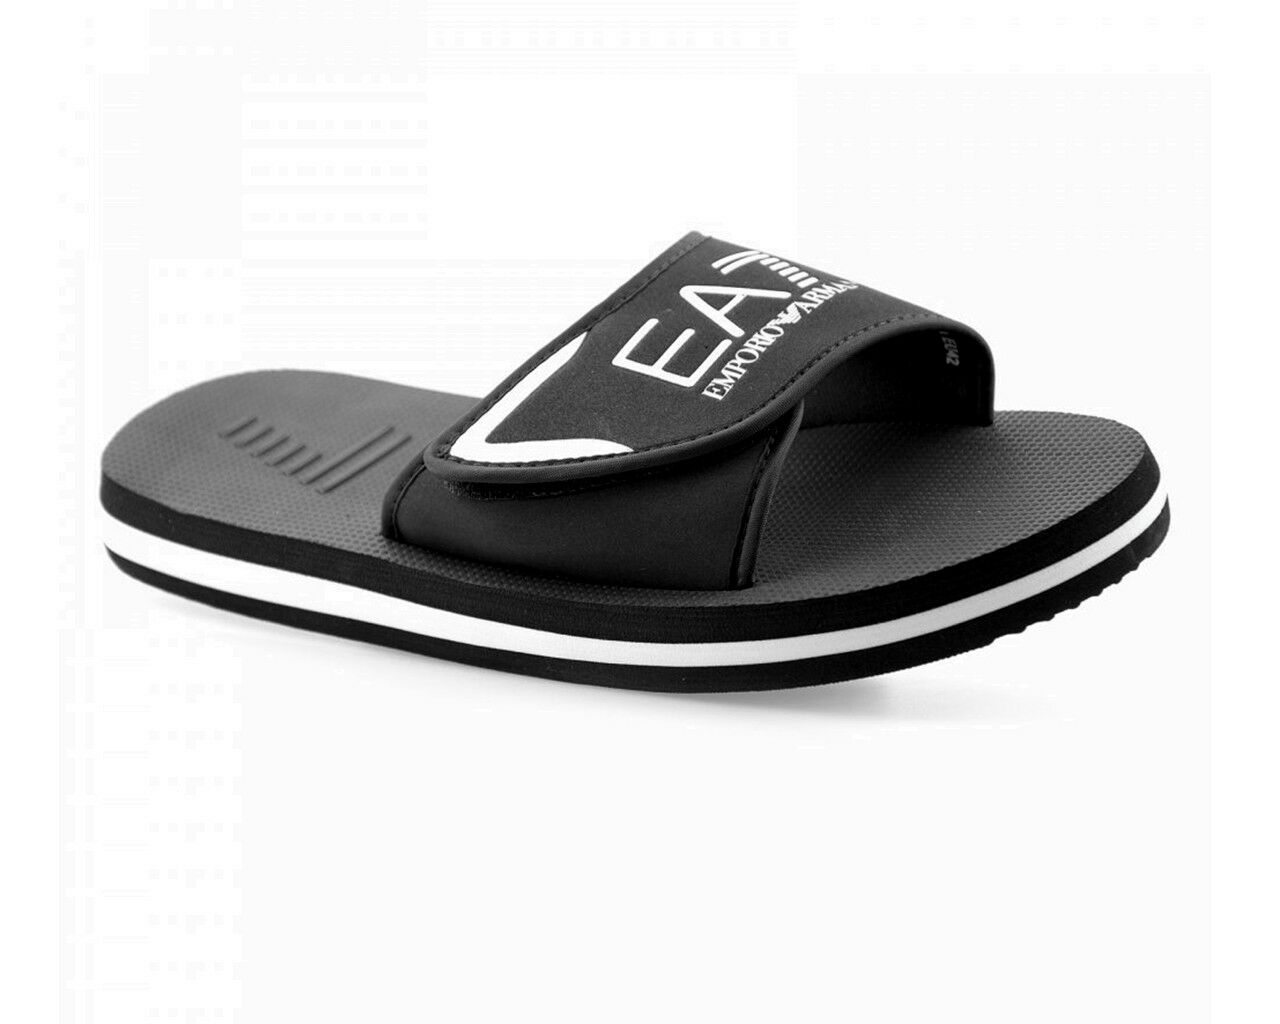 Emporio Armani XBP001 XCC09 Mar Mundo EA7 Deslizables Zapatillas de Playa Negro